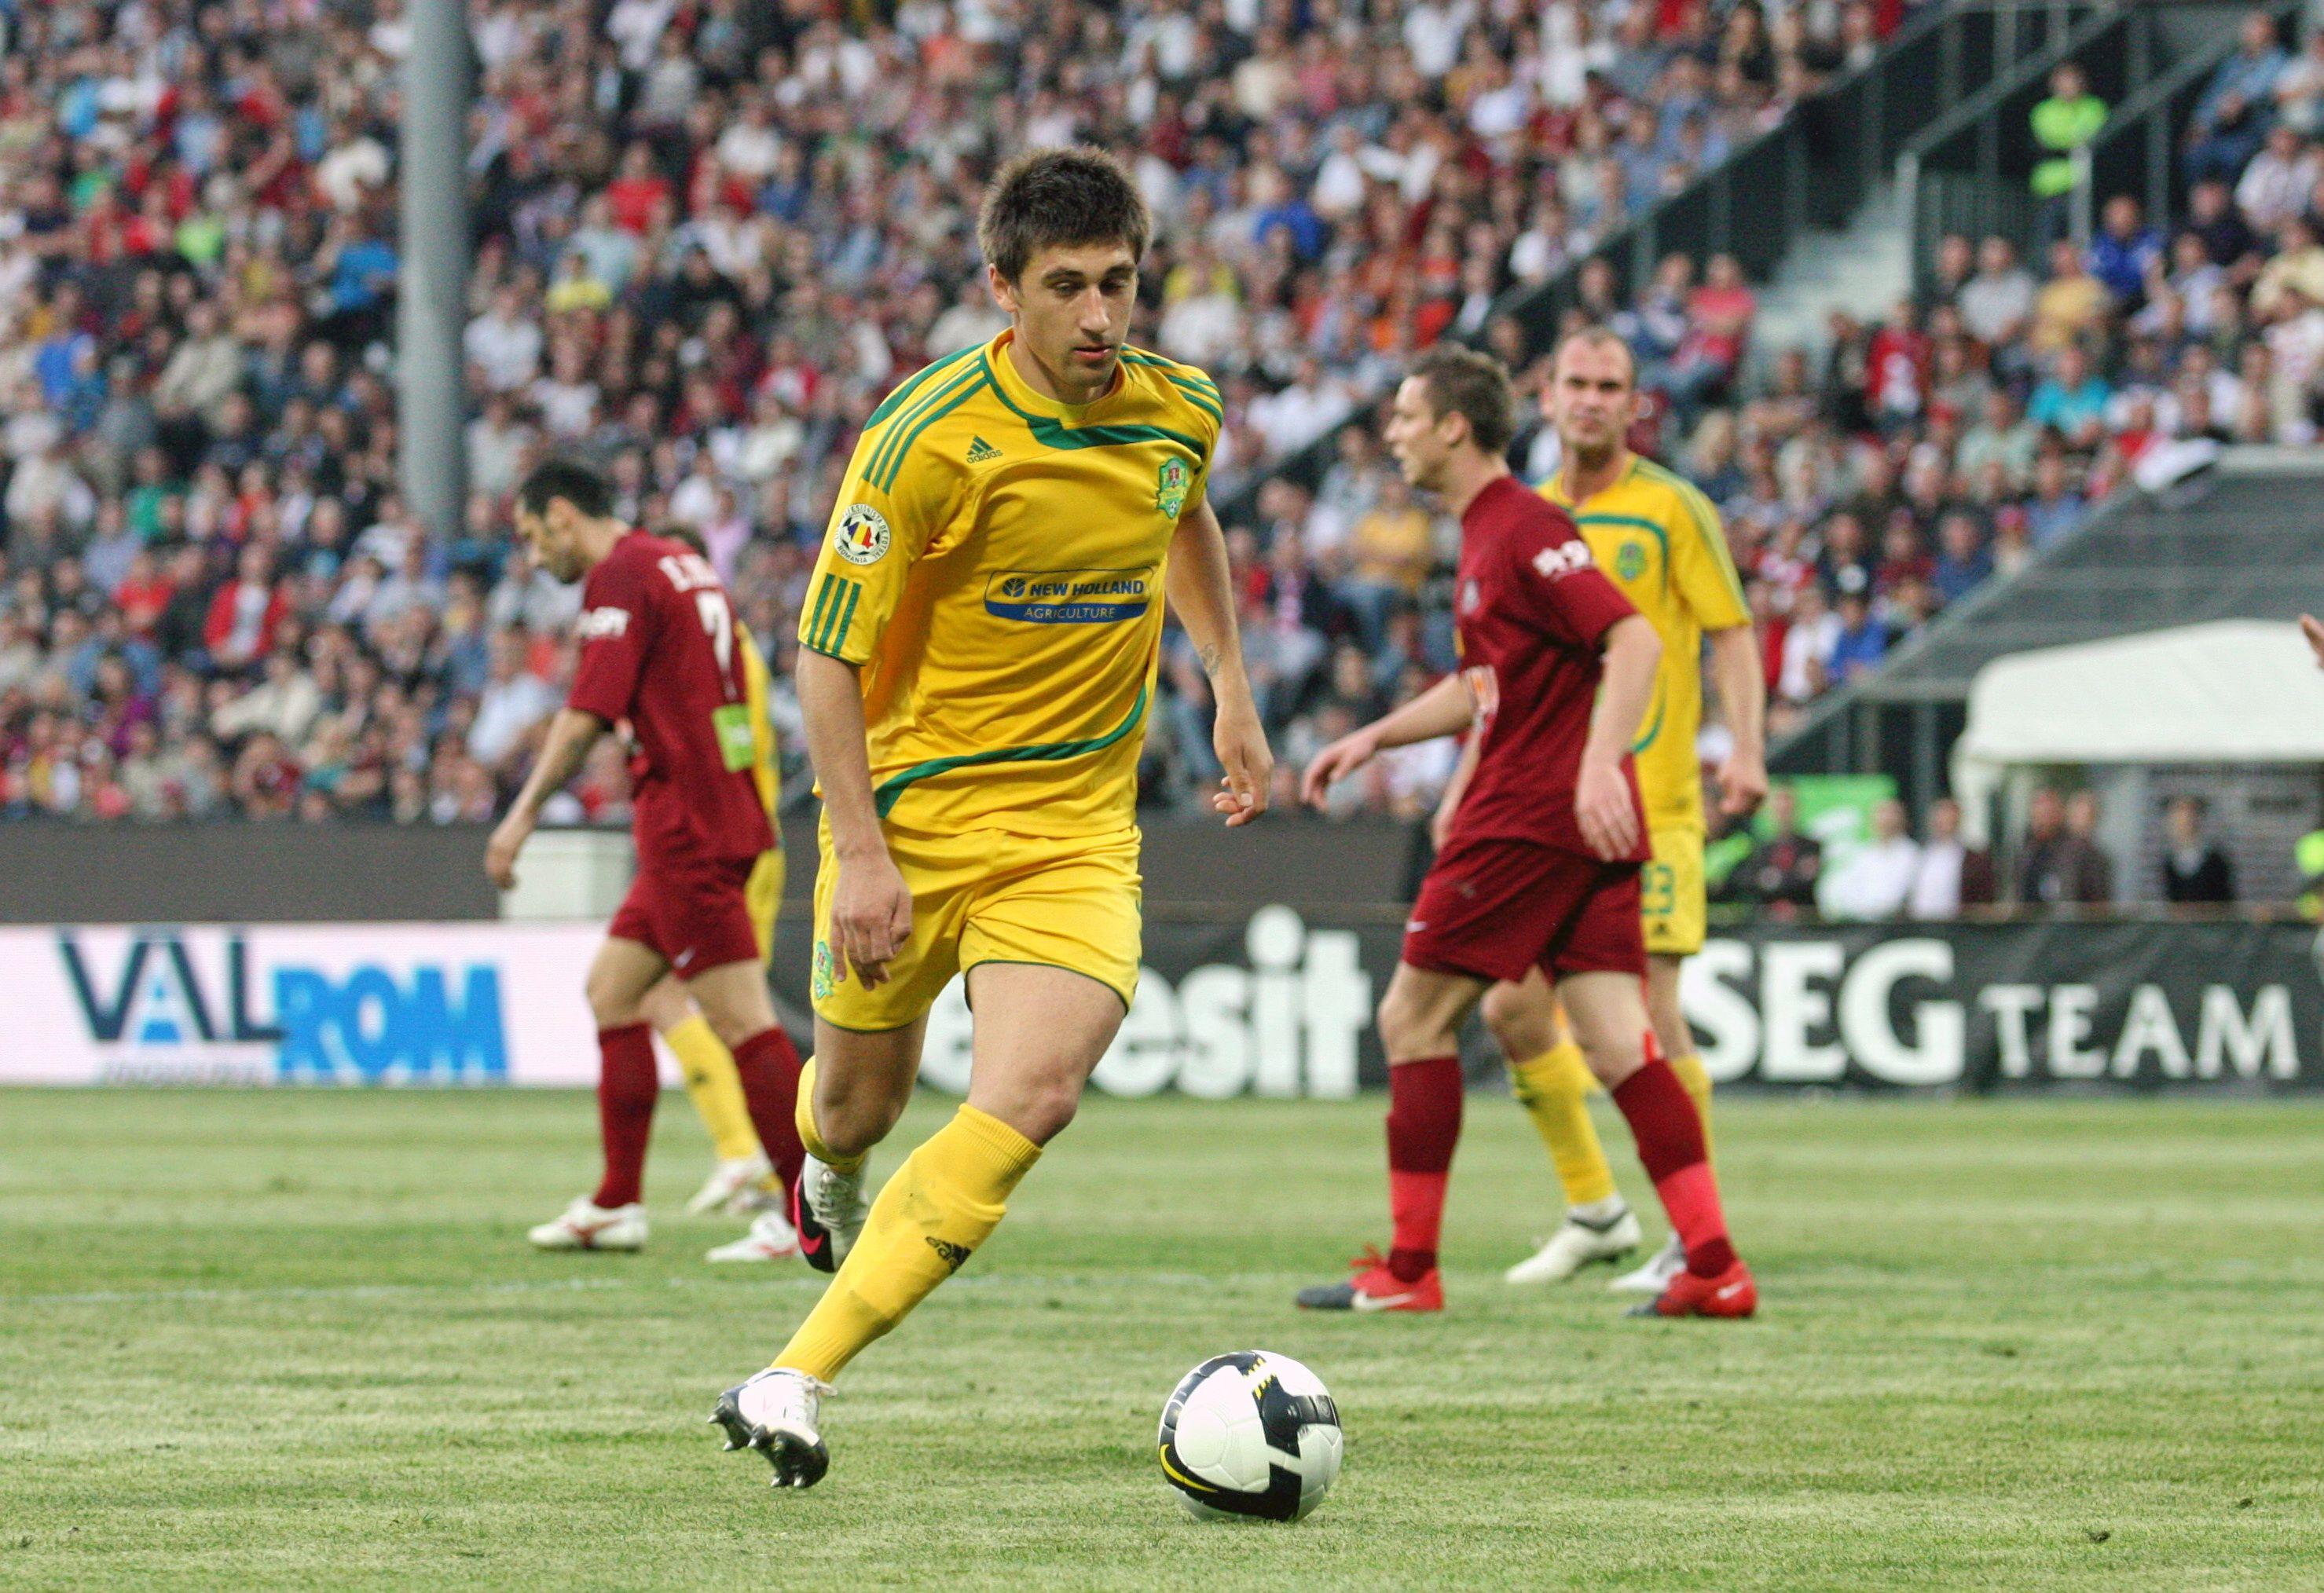 Paul Papp este singurul fotbalist clujean convocat de Anghel Iordănescu pentru meciurile României cu Ungaria şi Grecia din preliminariile Euro 2016